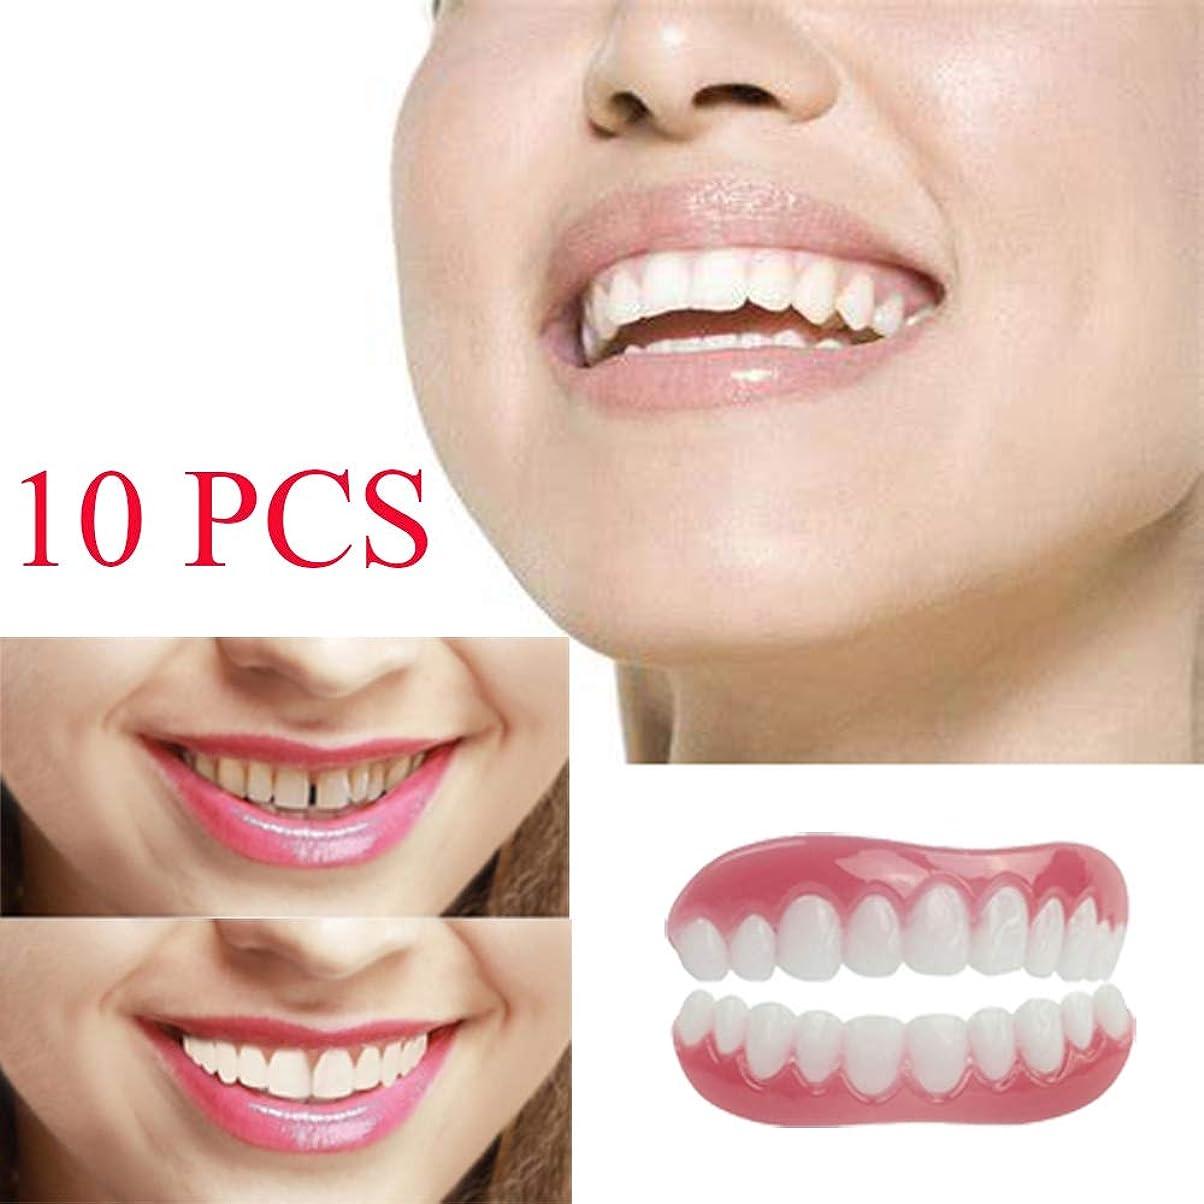 承認モノグラフセミナーホワイト模擬歯10個化粧品歯コンフォートソフトメイクアップベニヤステッカーフェイスパーフェクトスマイル義歯口腔衛生ケア(上+下)